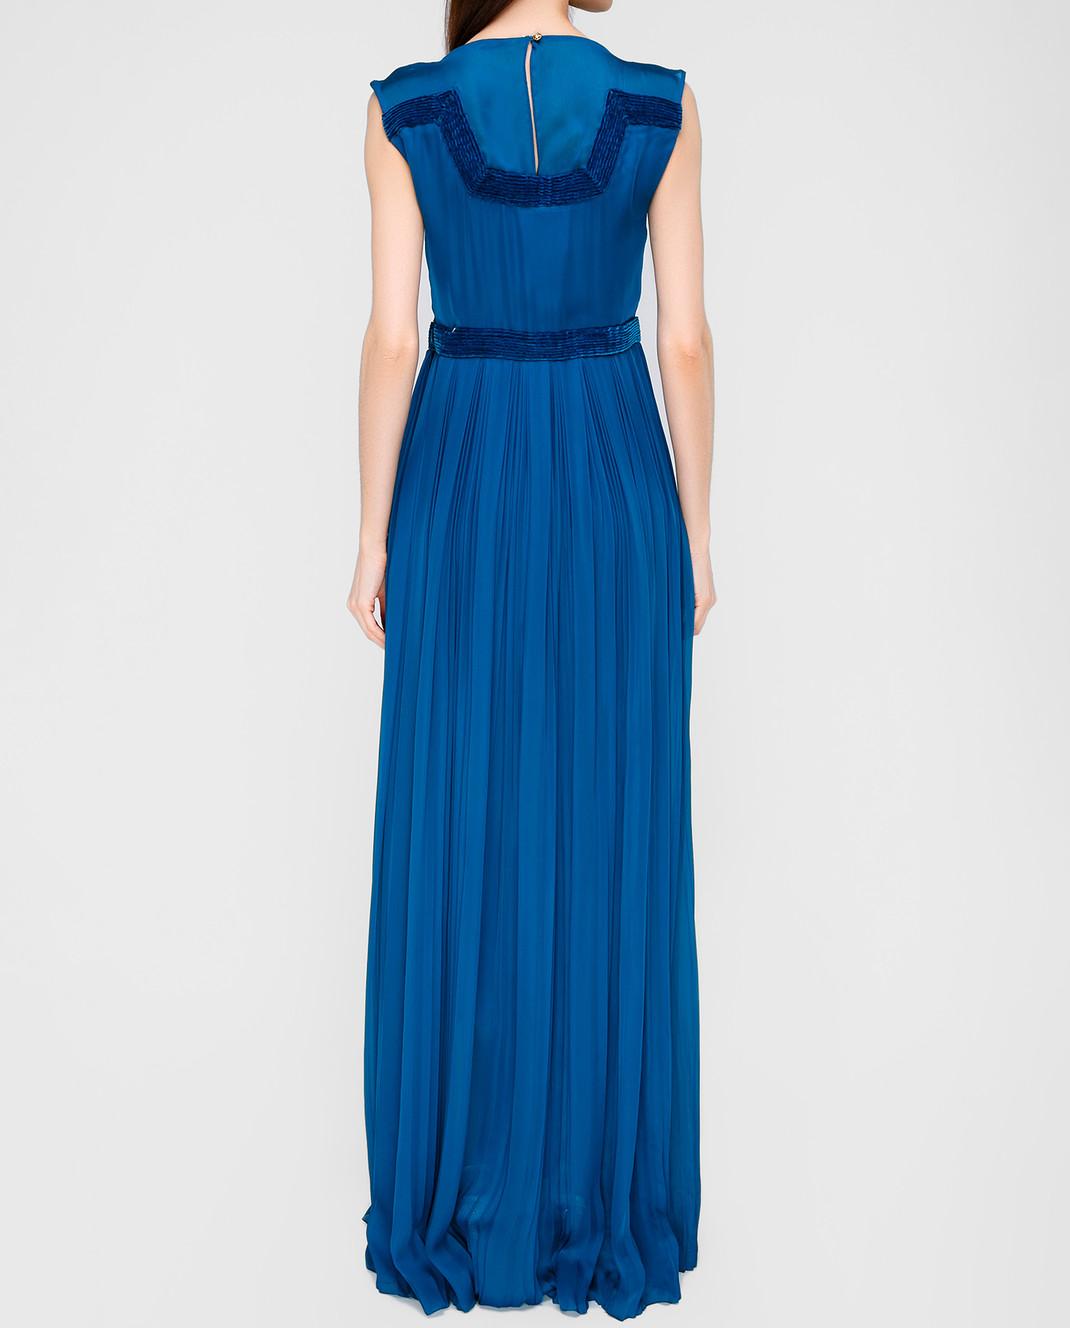 LARUSMIANI Синее платье из шелка 077581 изображение 4